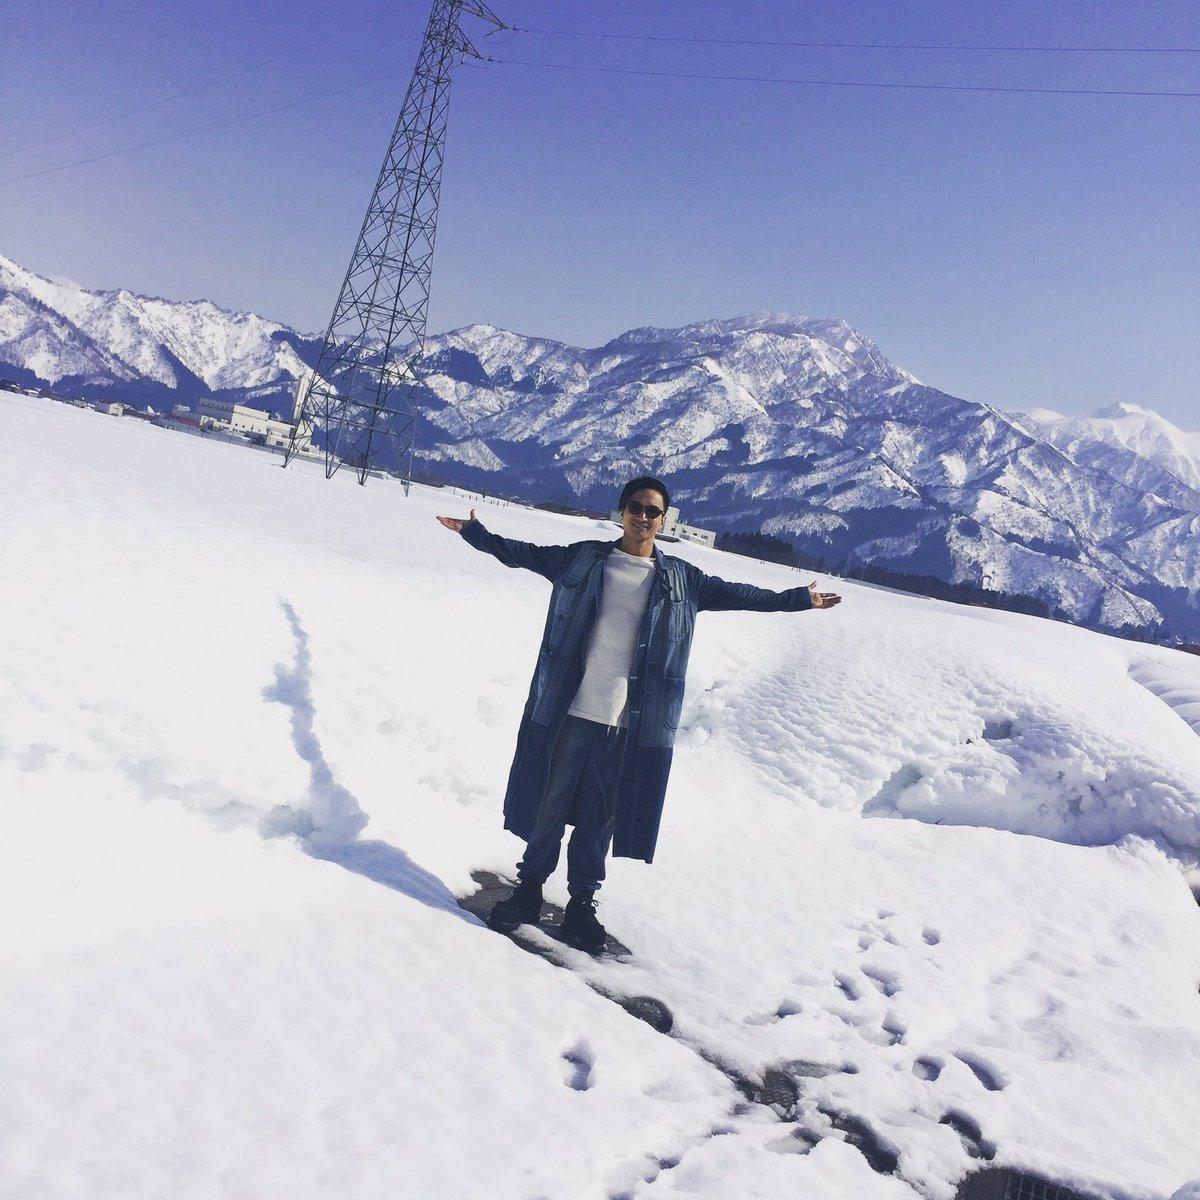 ここは雪国☃新潟🤗✨✨